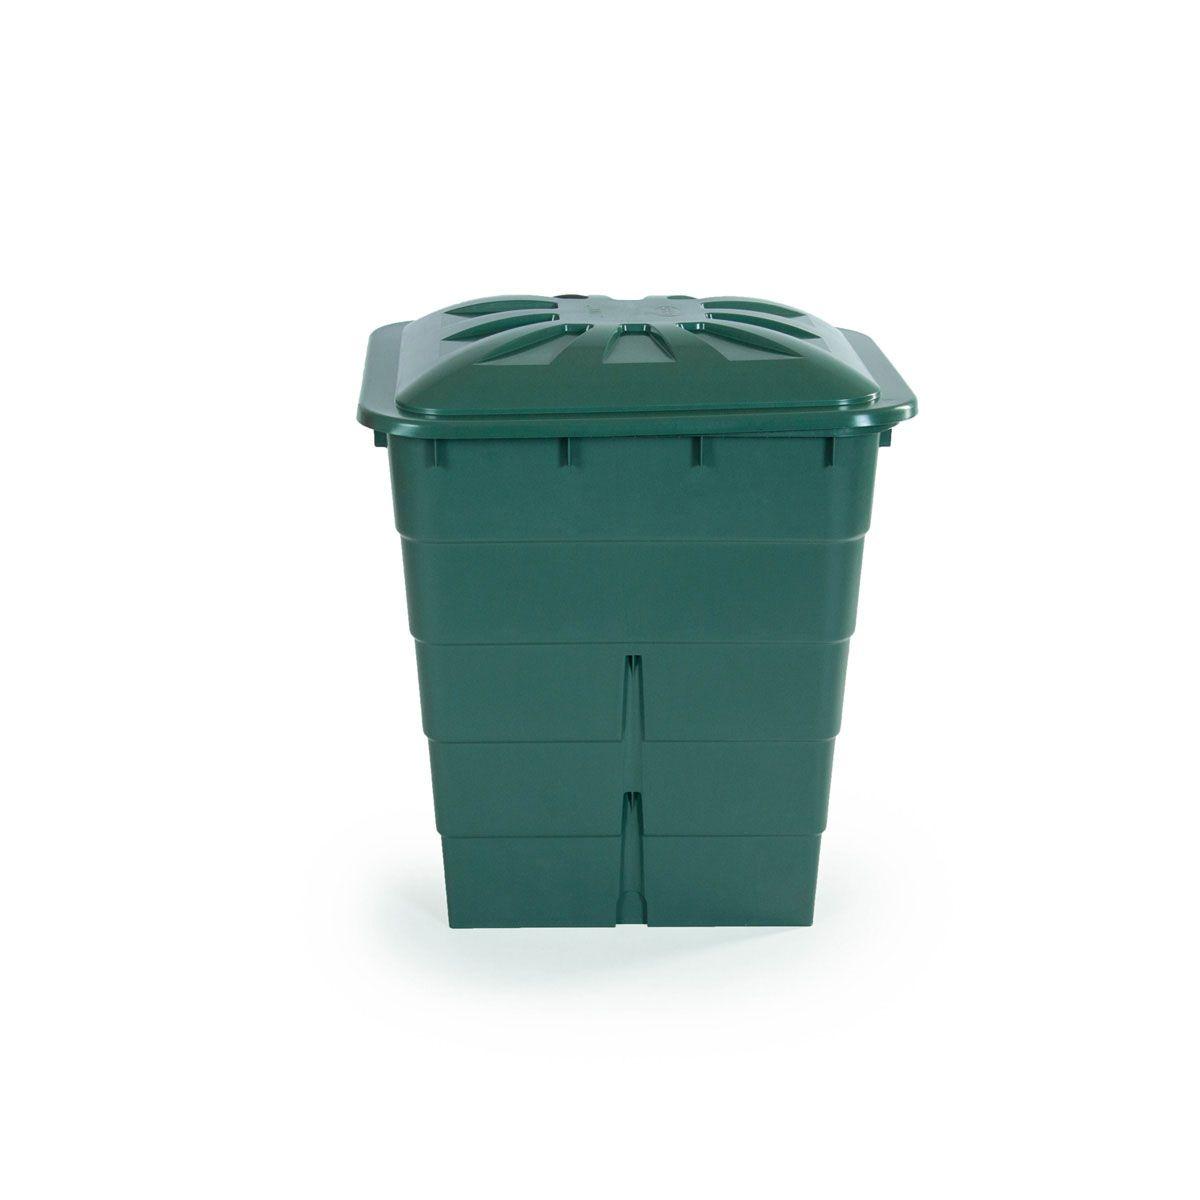 Regentonne eckig, aus PP, grün, 300 l, 660 x 800 x 920 mm